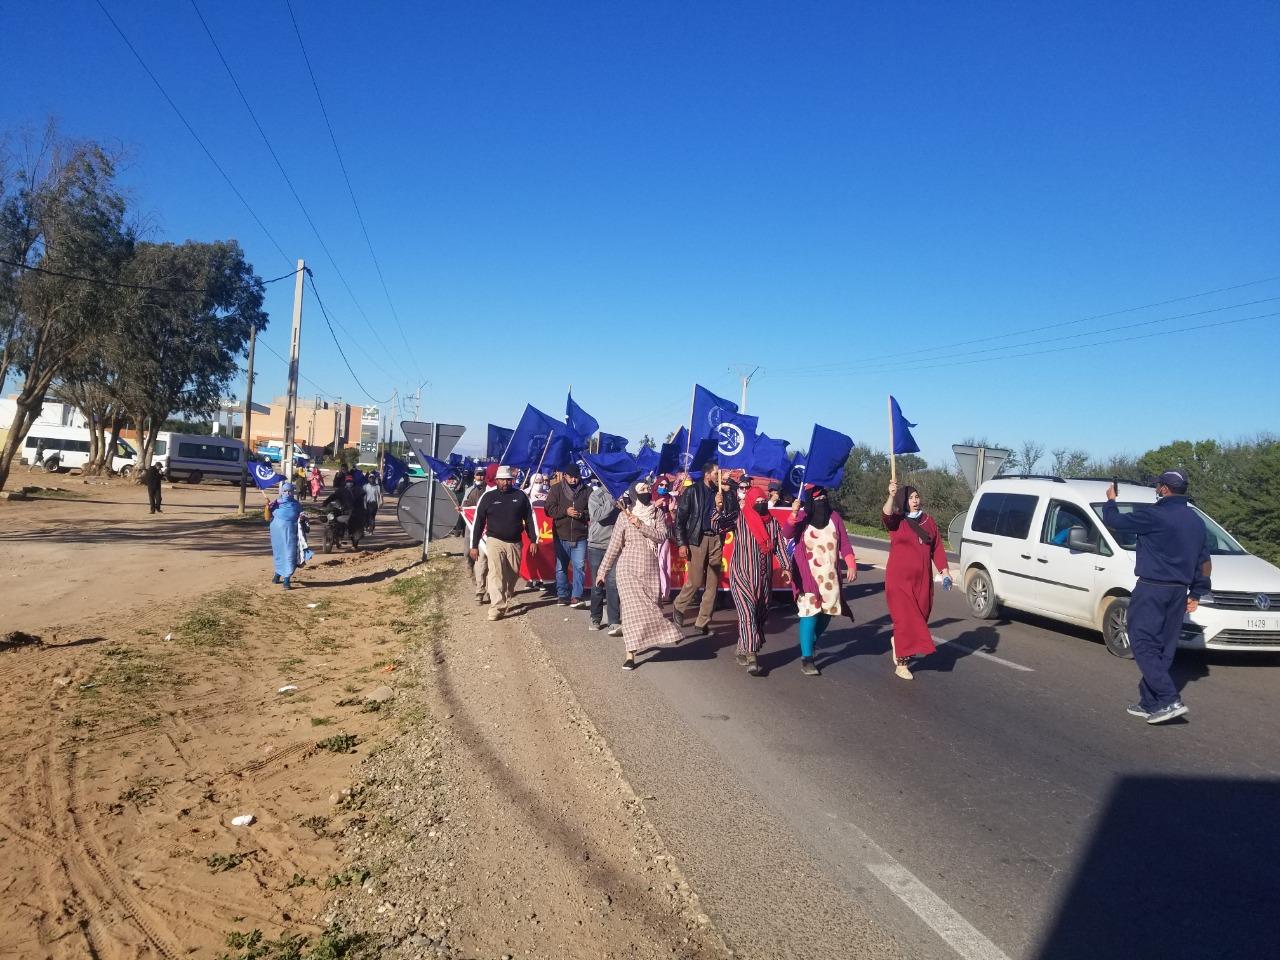 احتجاج العاملات والعمال الزراعيين با شتوكة أيت باها (3)